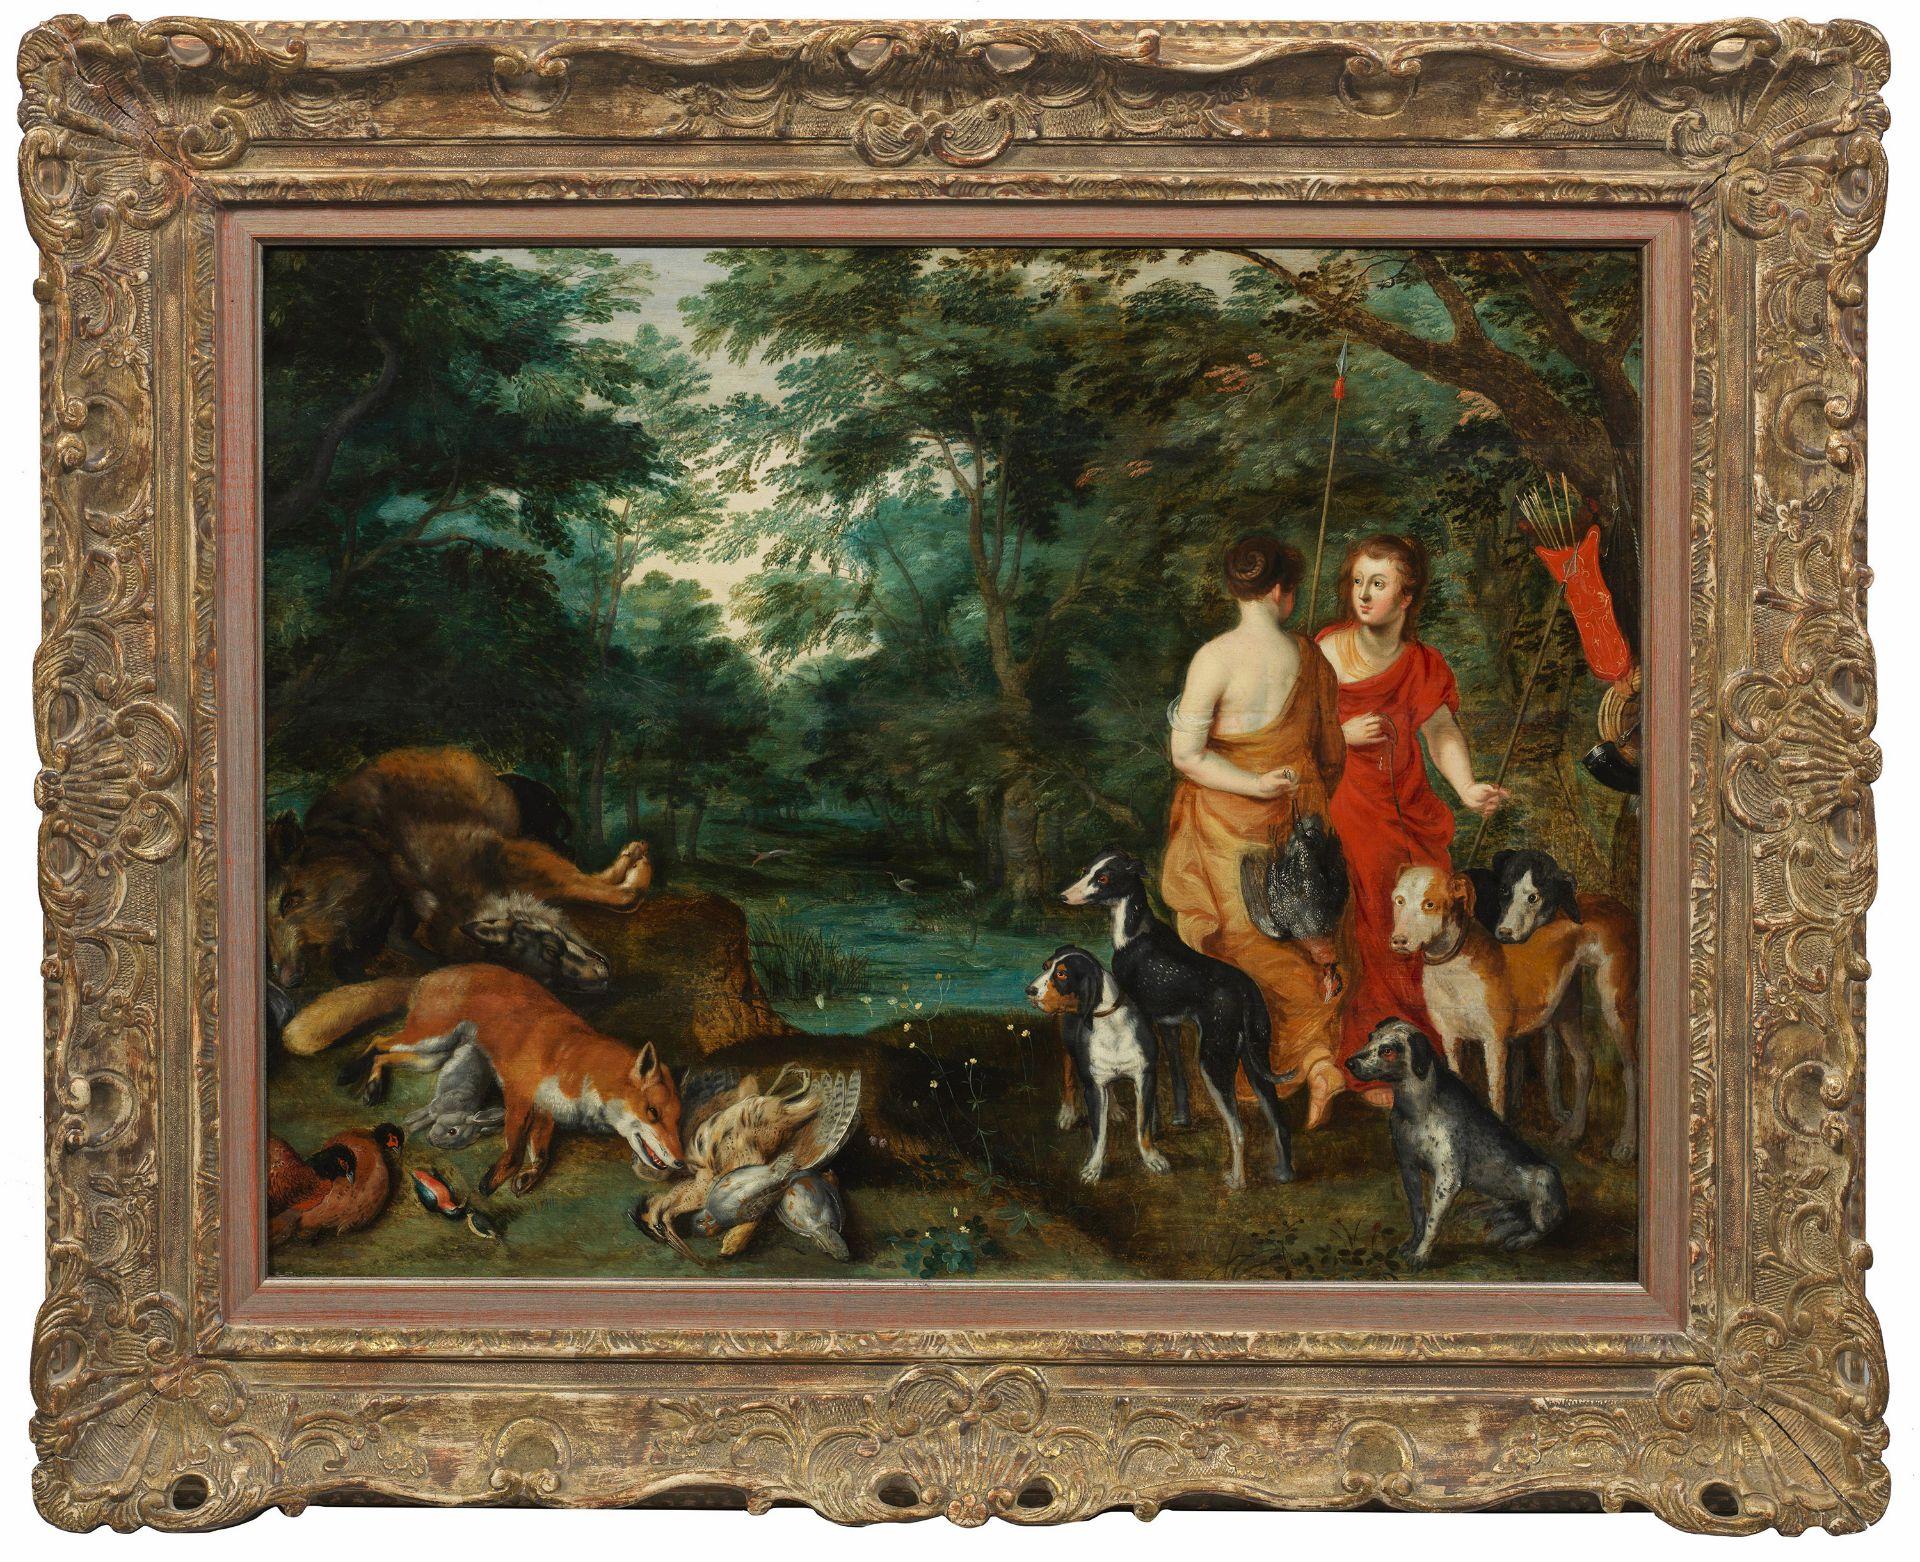 Jan Brueghel der Jüngere und Hendrick van Balen